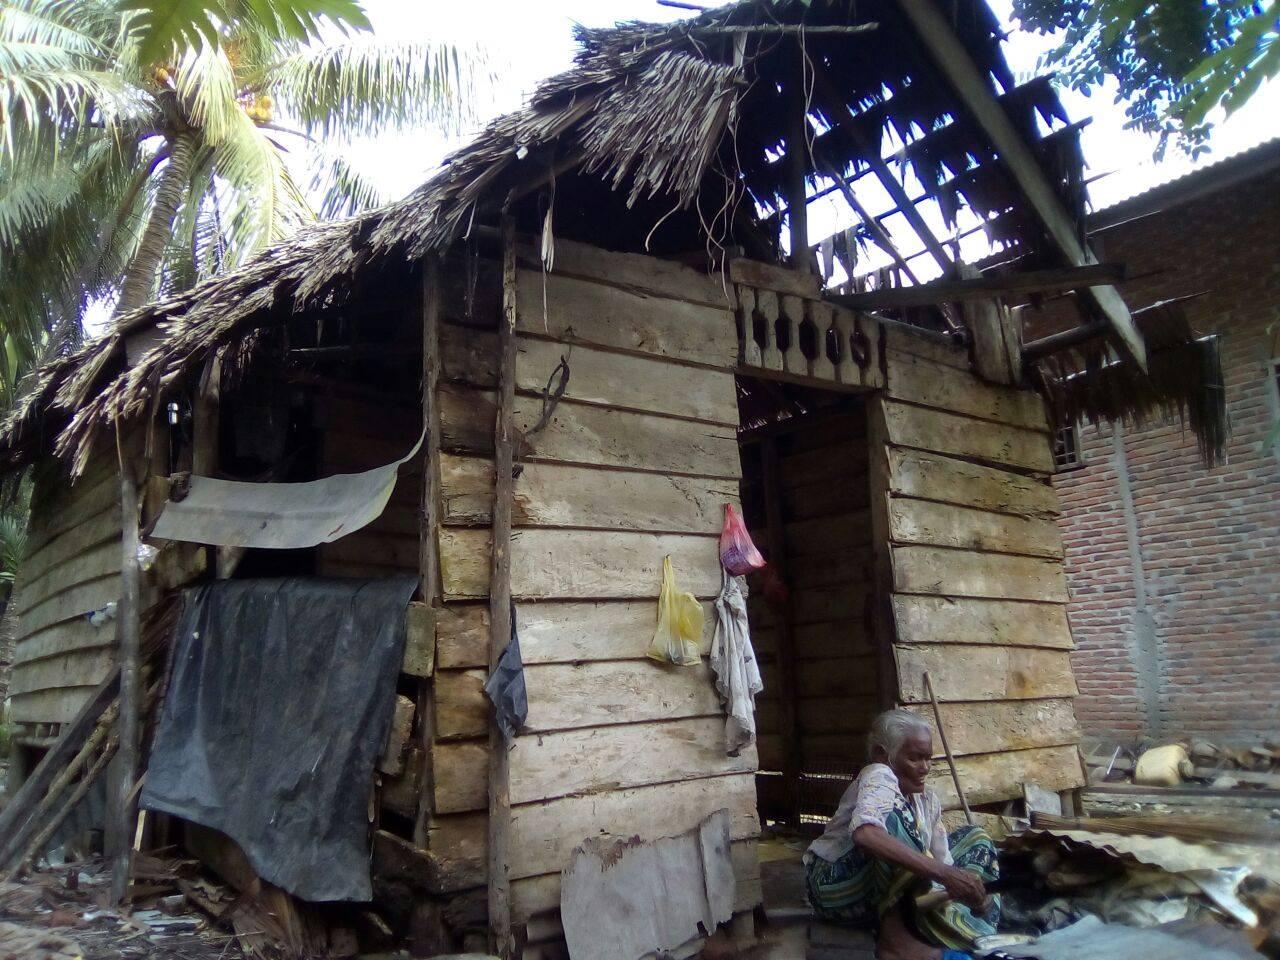 Kisah Nenek Zainabah Harapkan Rumah Layak Huni